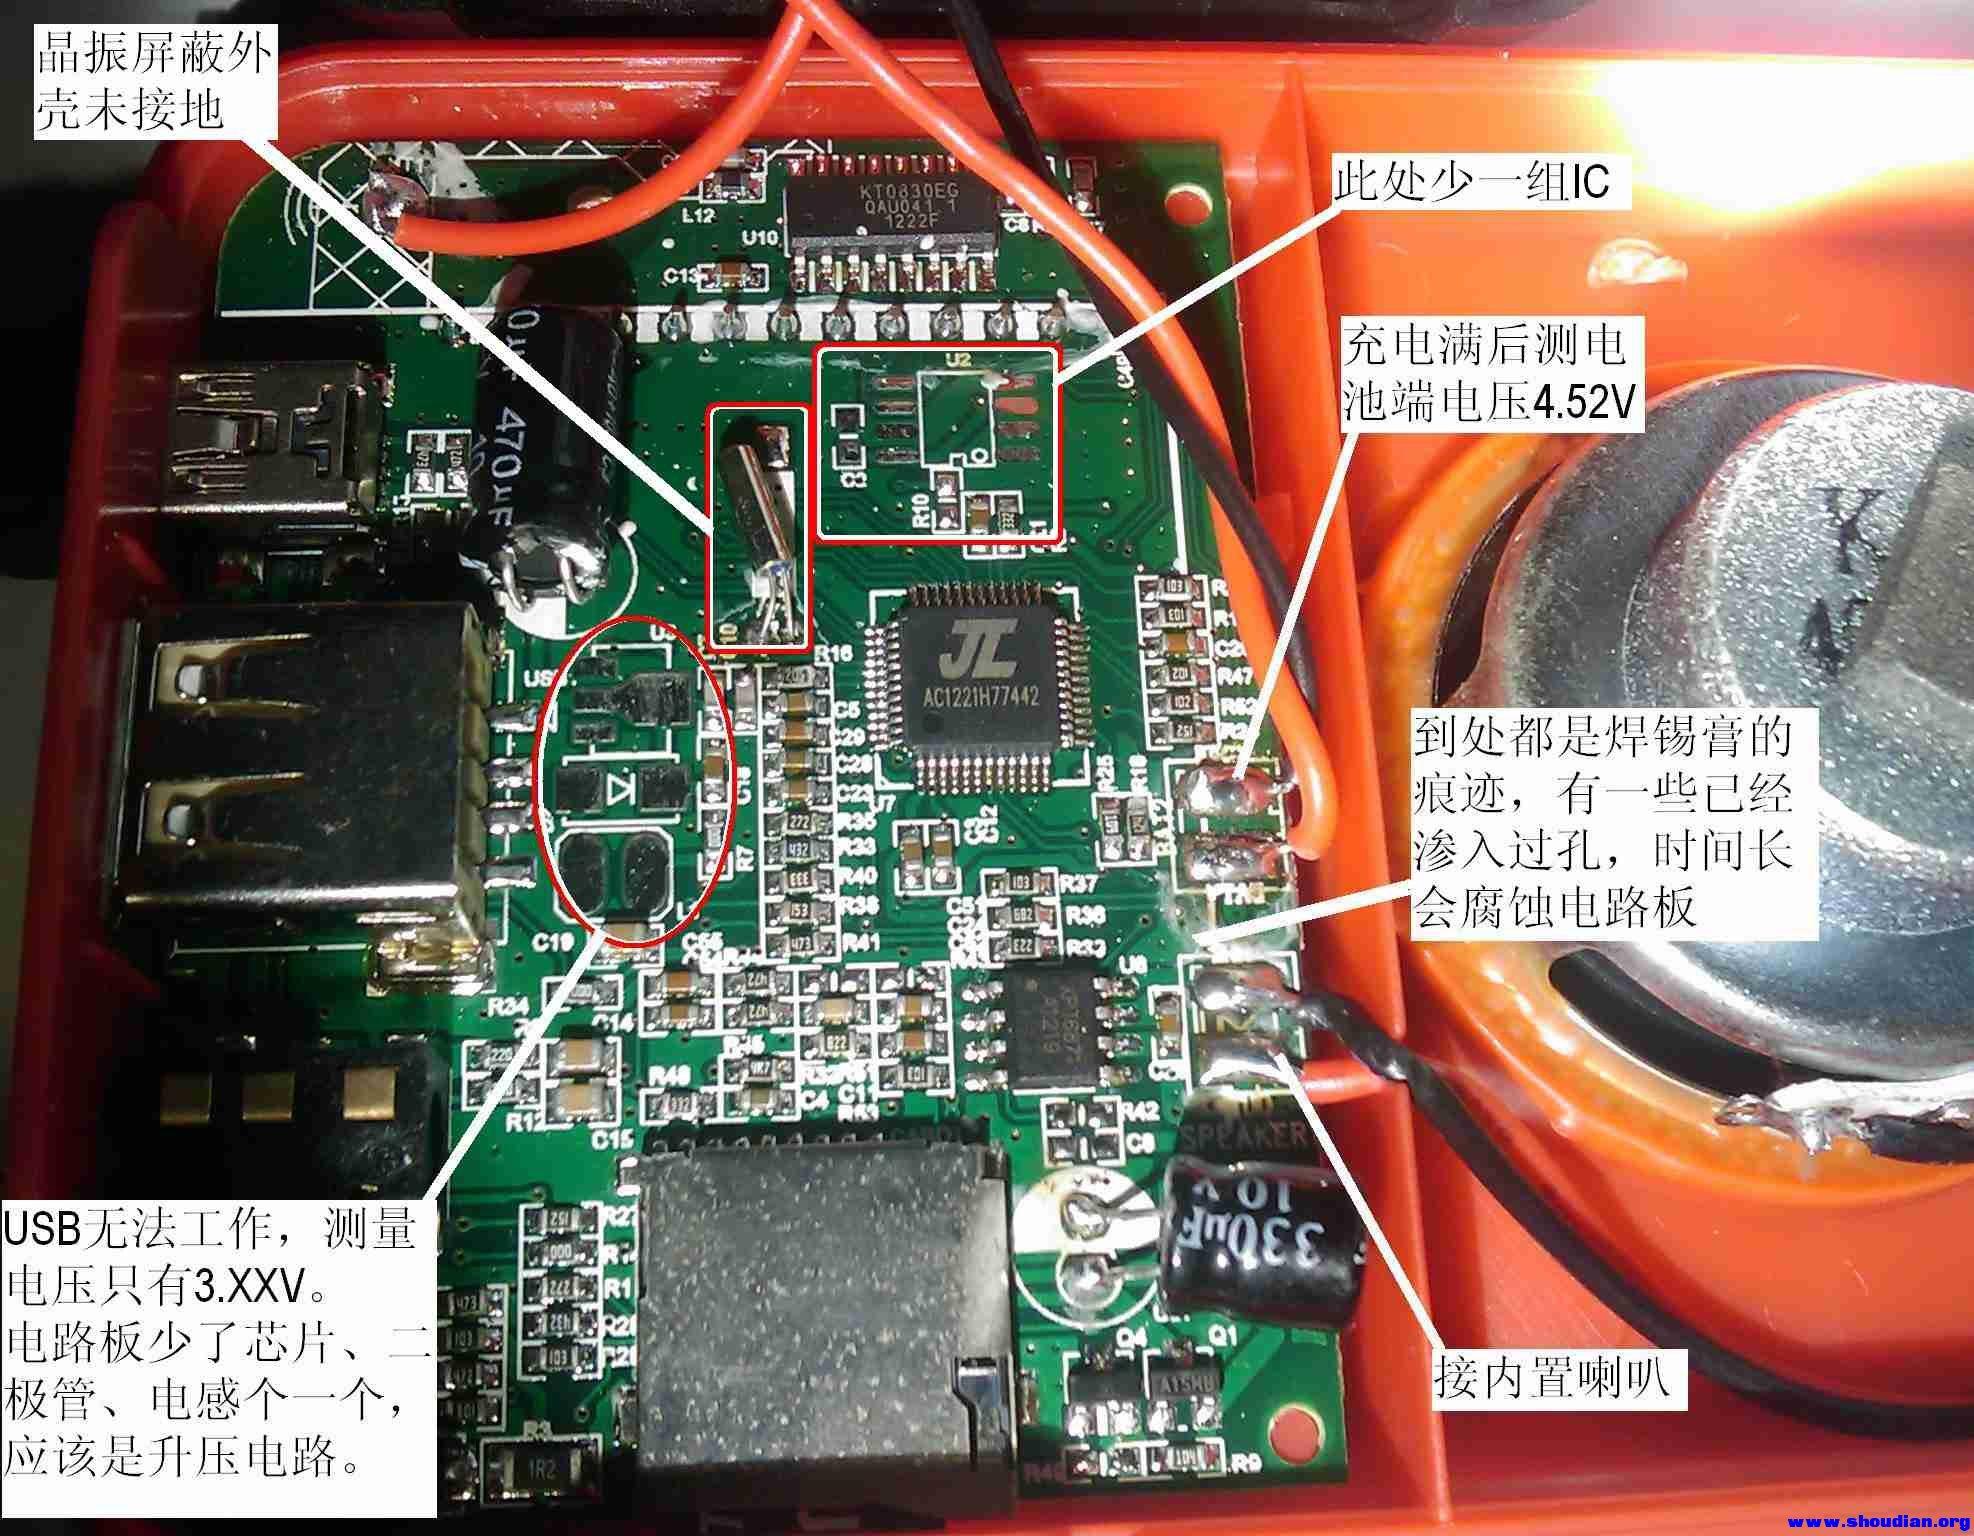 晶振外壳没有接地   电路板所有手工焊接的地方都有大量的焊锡膏